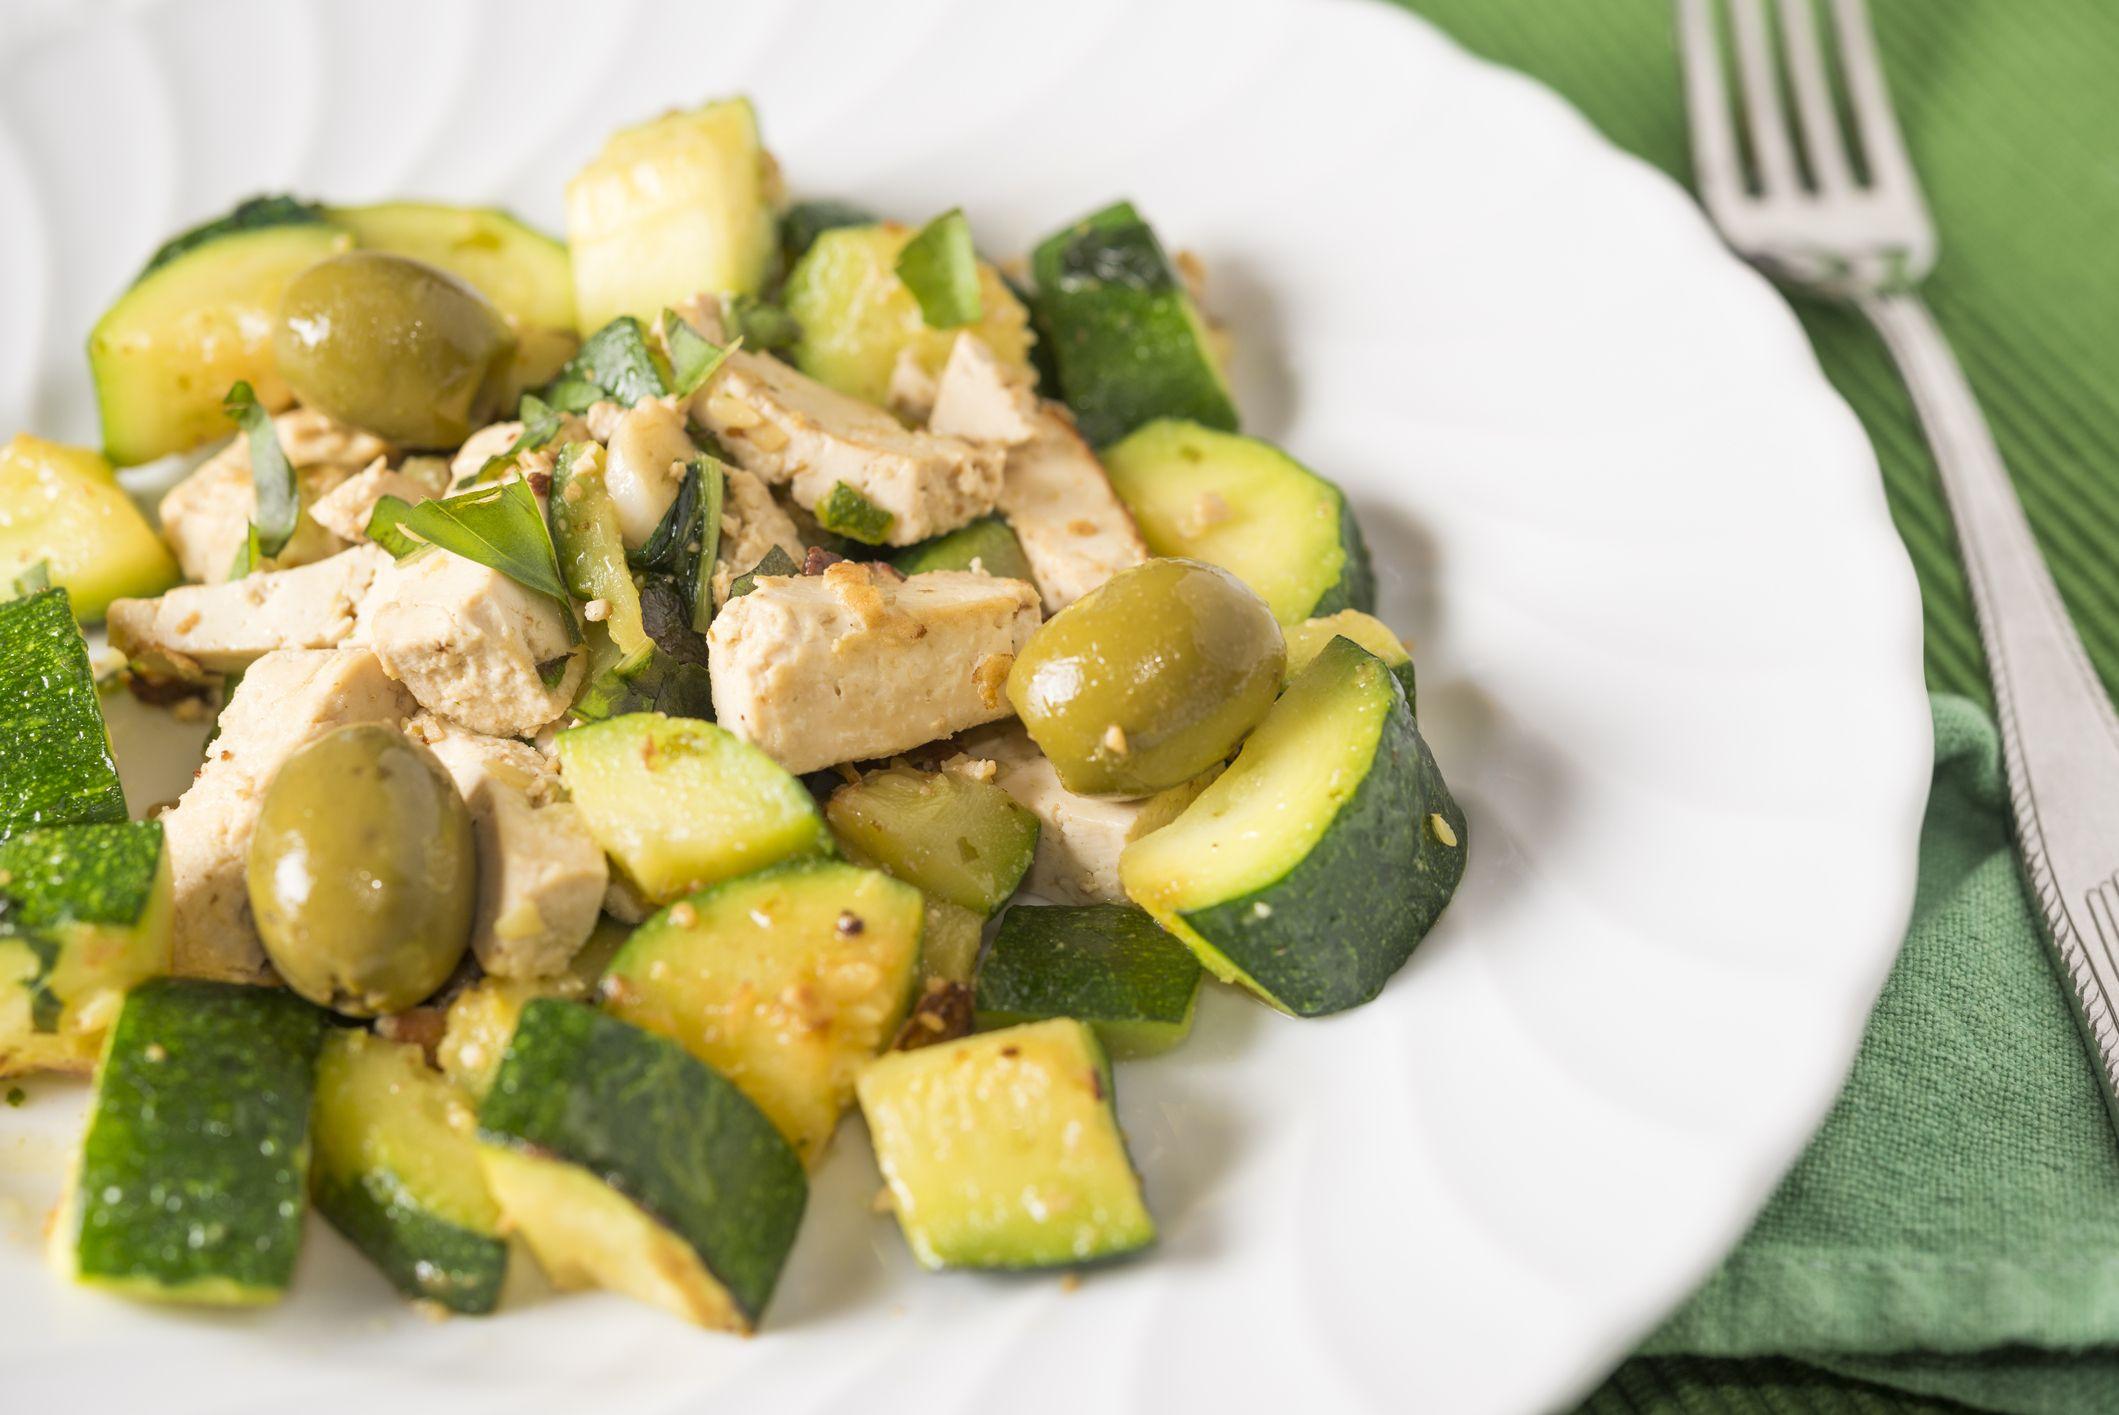 El gomasio es un aderezo saludable y nutritivo para ensaladas en sustitución a la sal.